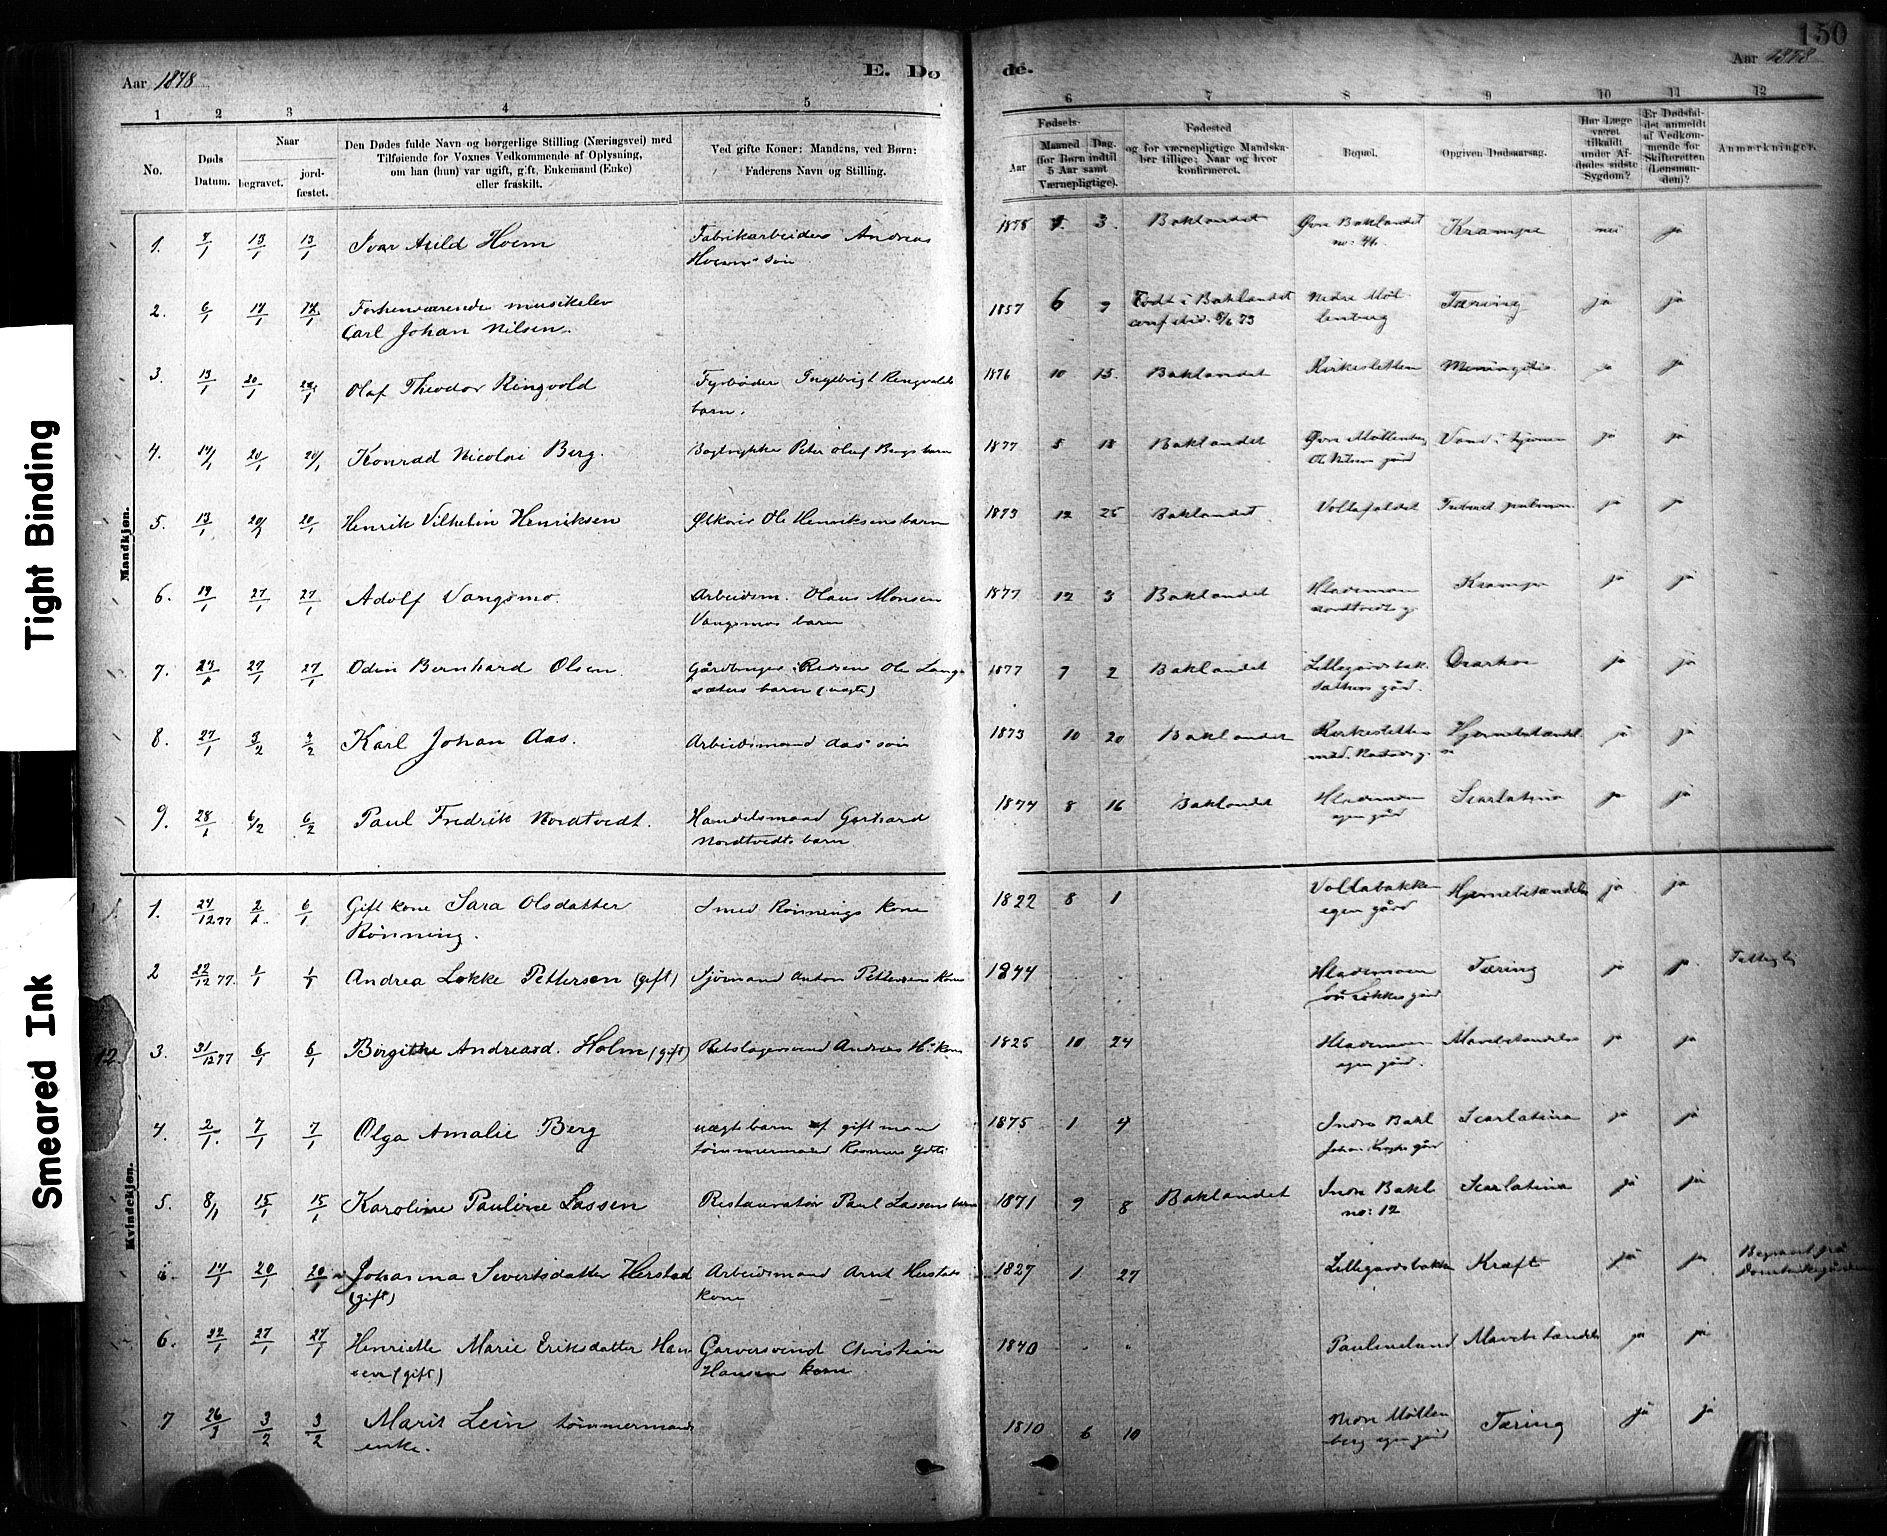 SAT, Ministerialprotokoller, klokkerbøker og fødselsregistre - Sør-Trøndelag, 604/L0189: Ministerialbok nr. 604A10, 1878-1892, s. 150